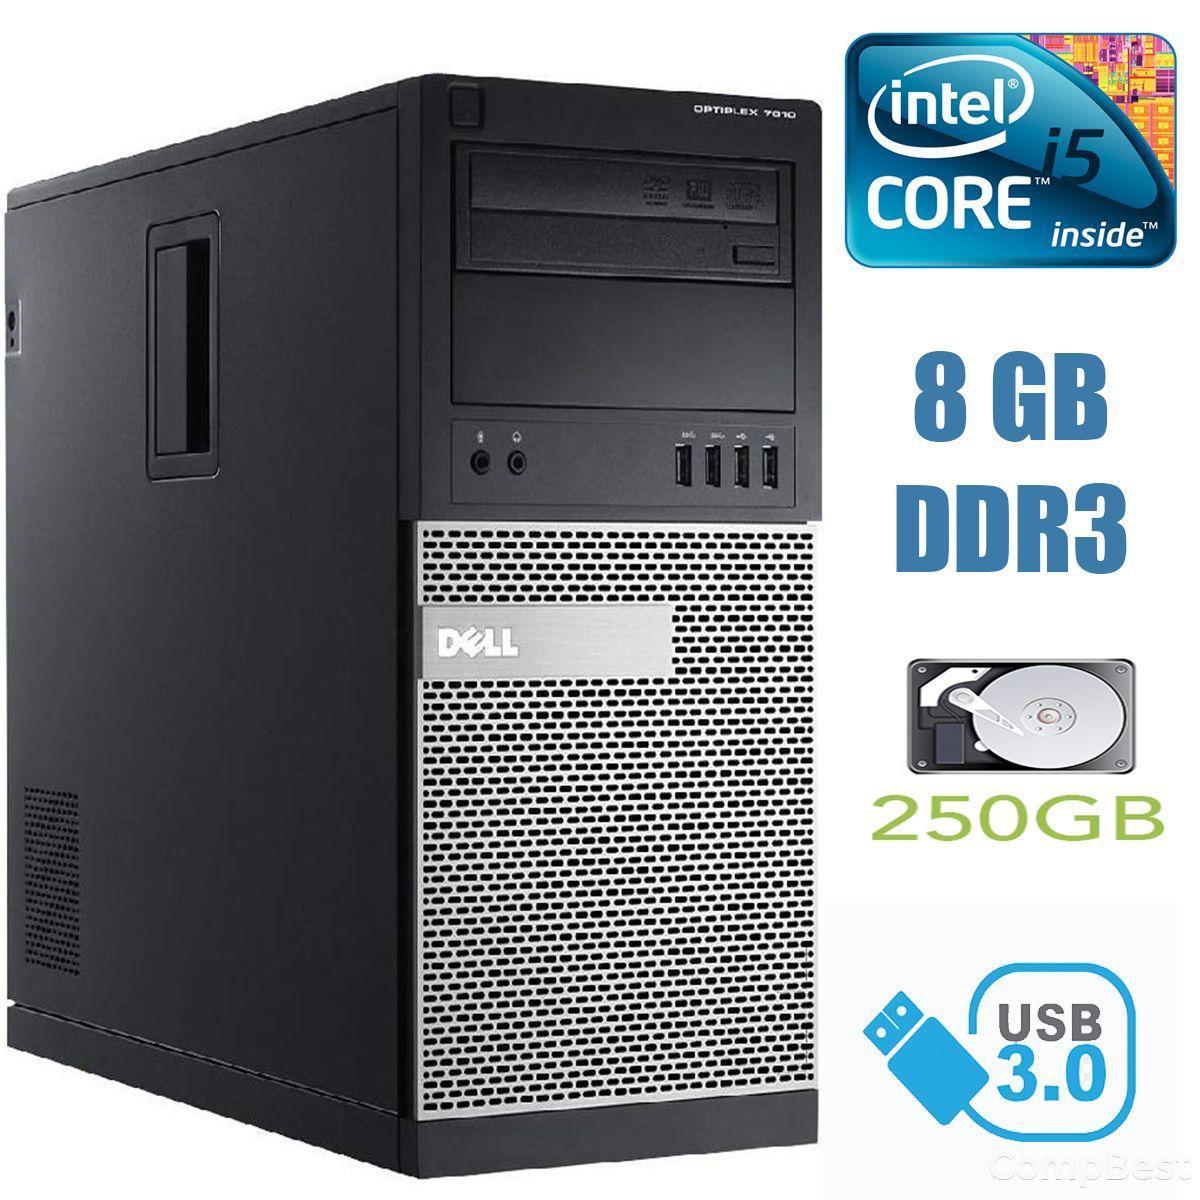 Dell Optiplex 7010 MiniTower / Intel Core i5-3570 (4 ядра по 3.40-3.80GHz) / 8 GB DDR3 / 250 GB HDD / USB 3.0